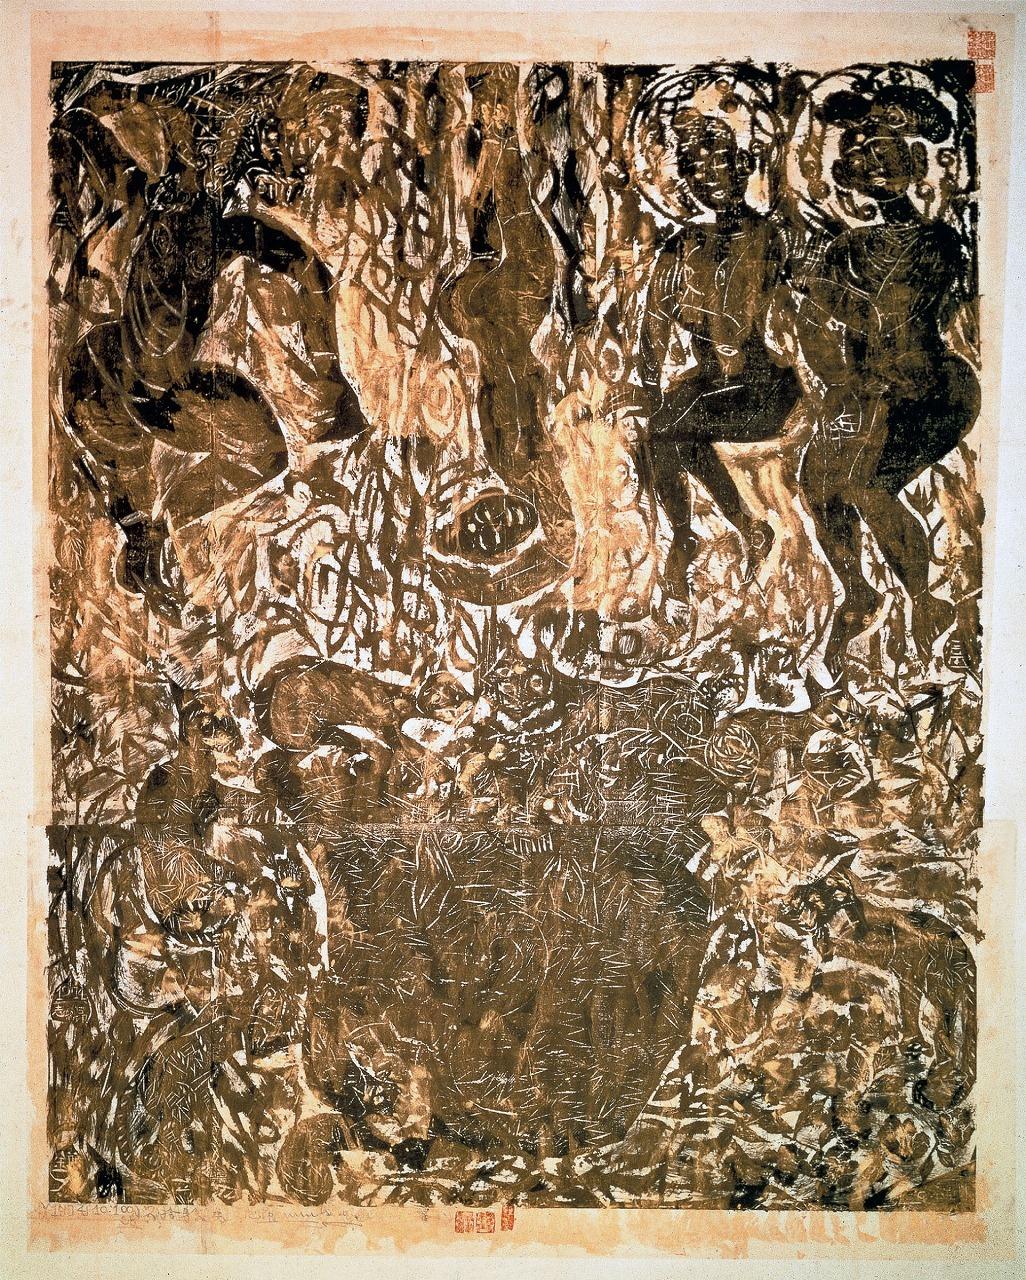 捨身飼虎の柵 板画 1974年 棟方志功記念館蔵